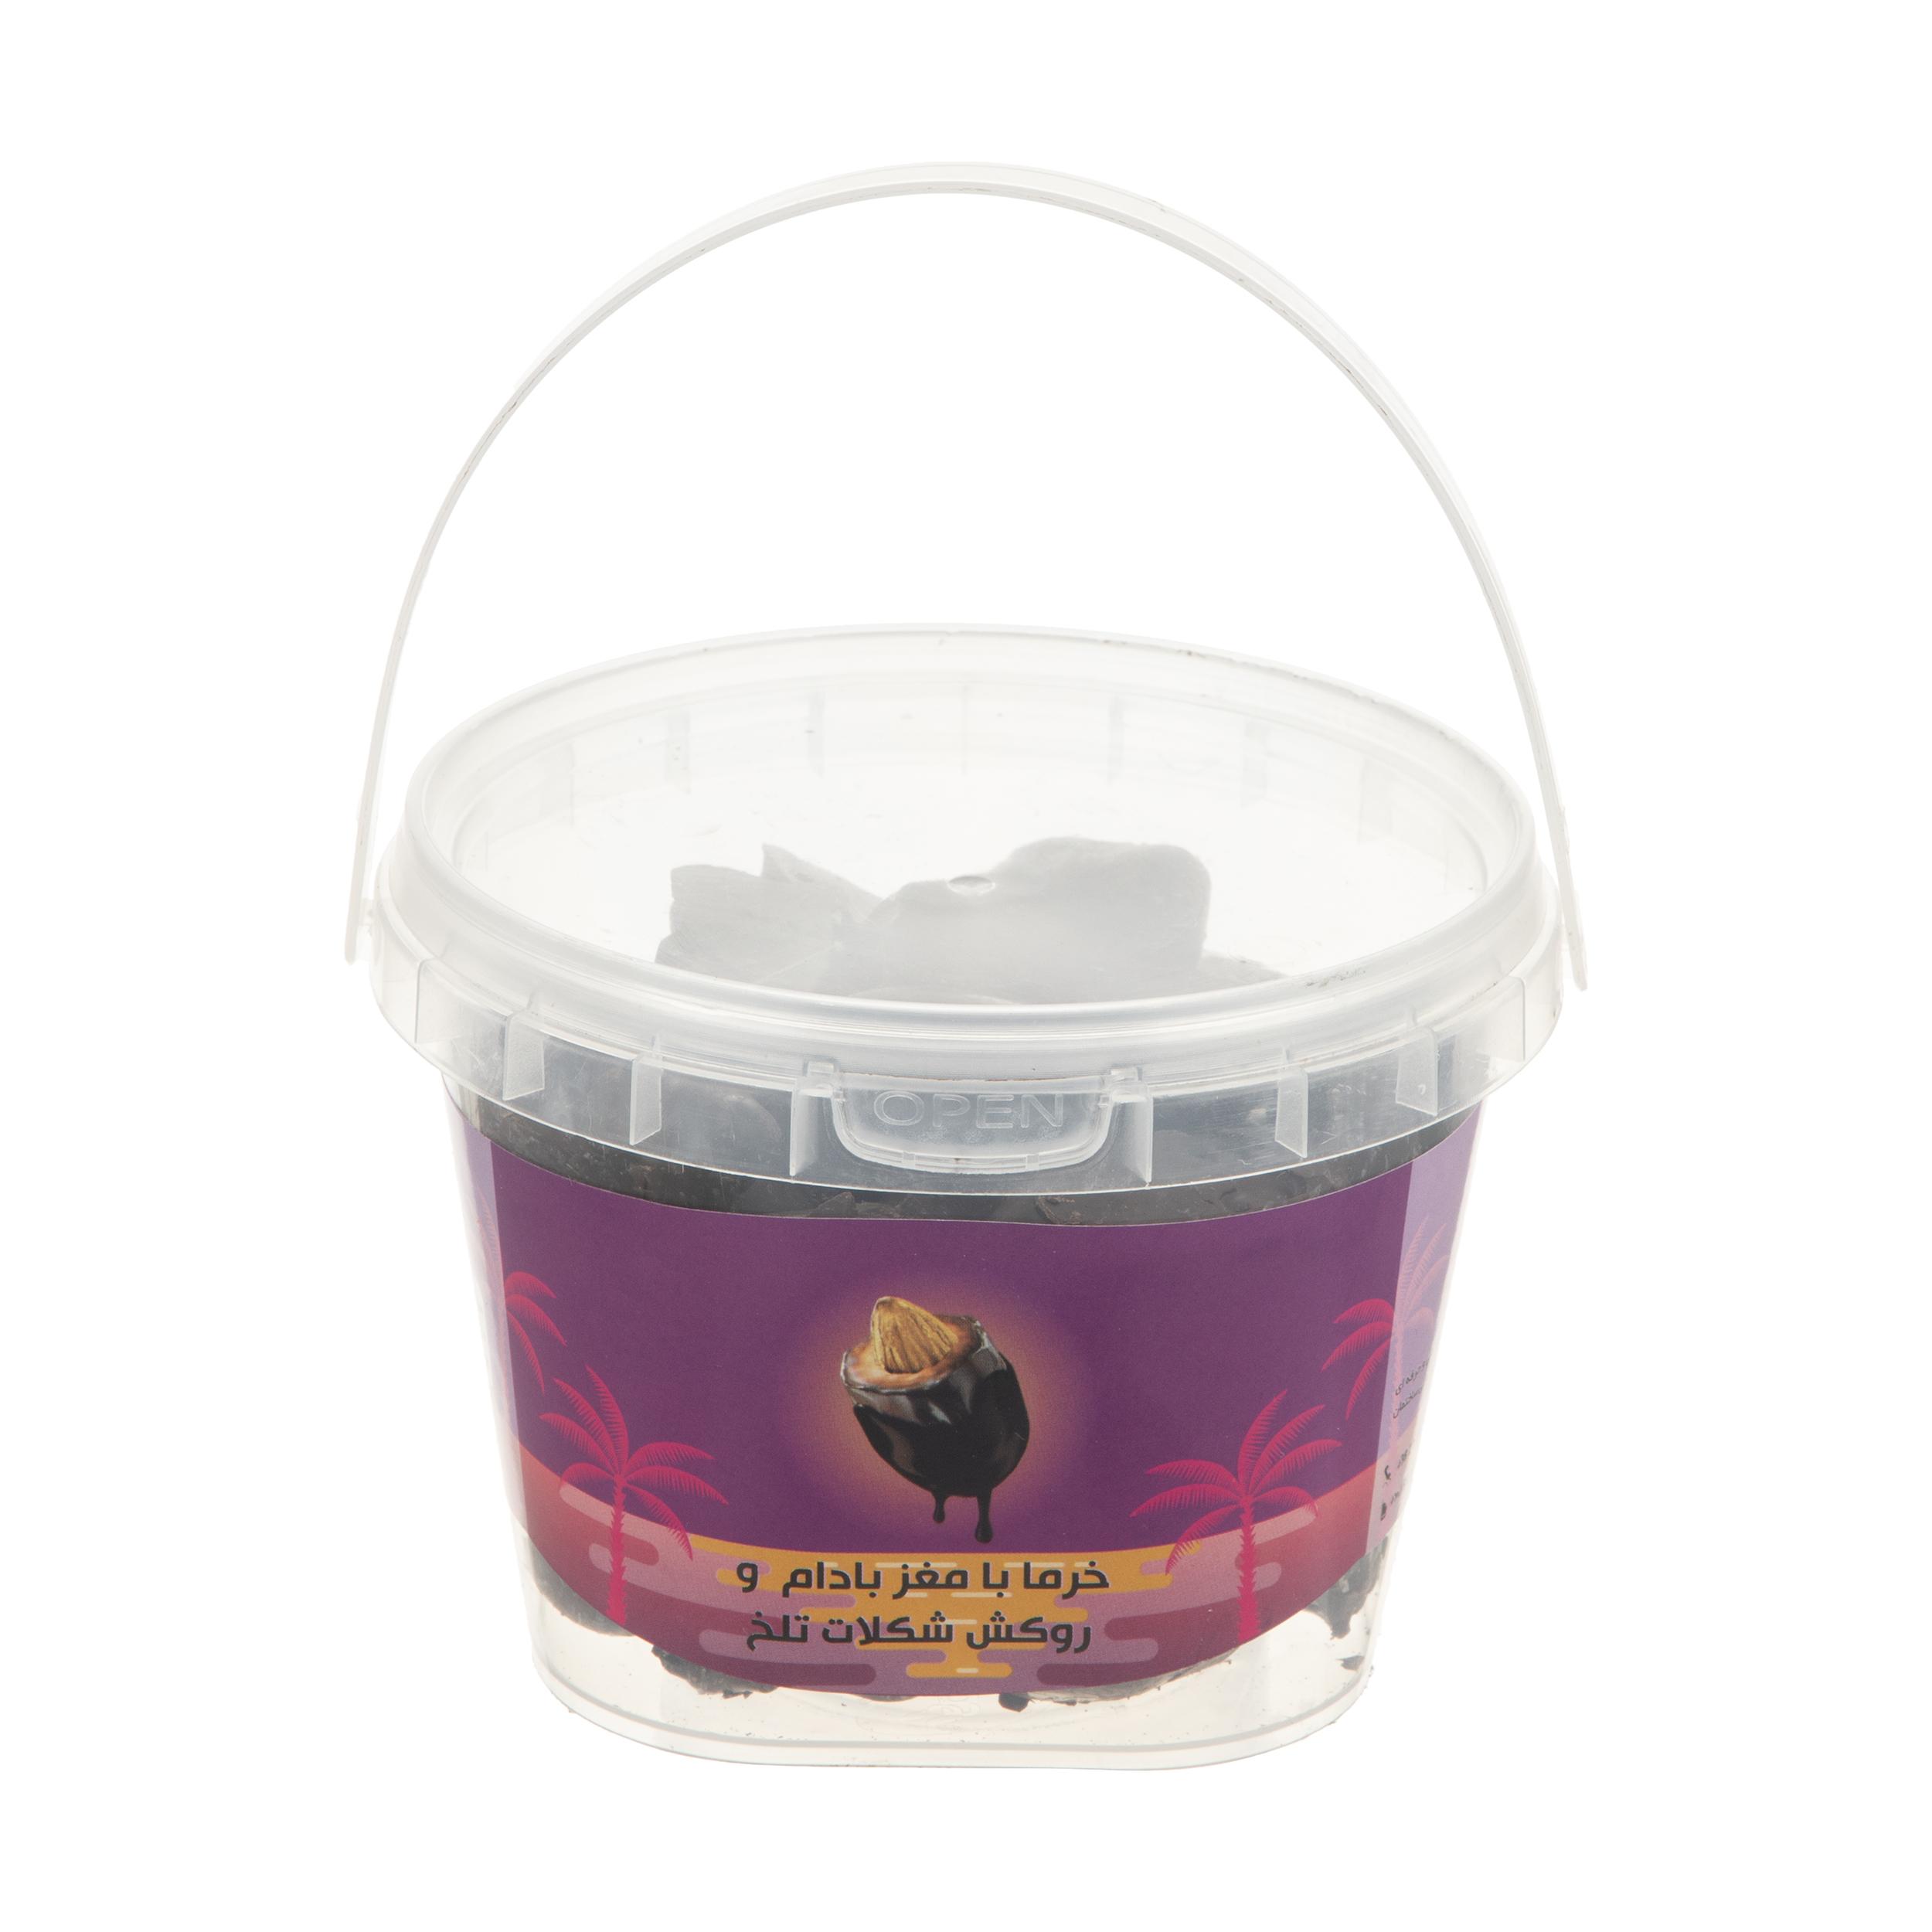 خرما با مغز بادام و روکش شکلات تلخ شیگوار  - 300 گرم